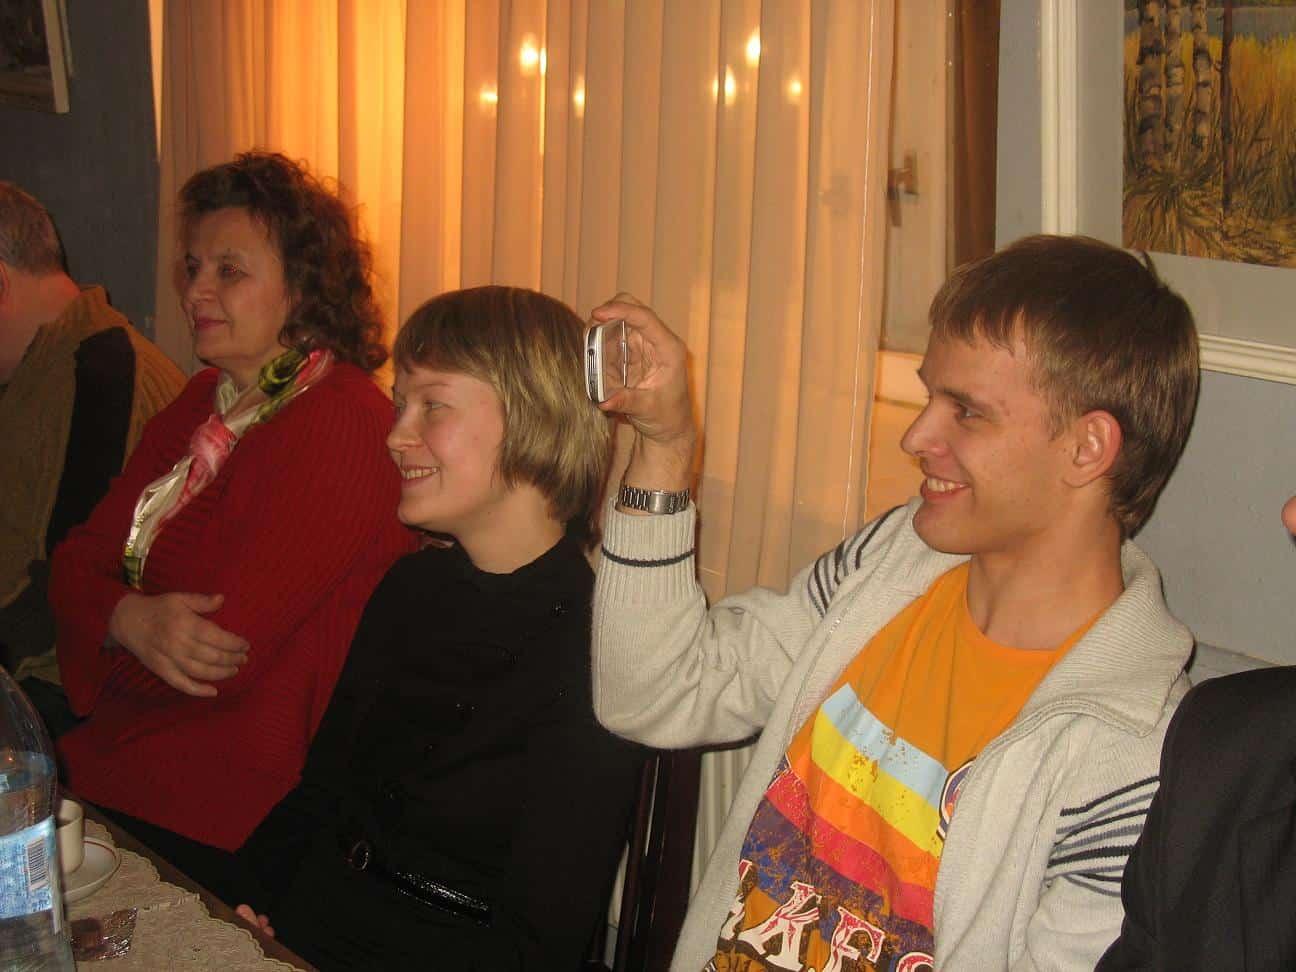 Светлана Артемьева, Мария Голубева и Михаил Мешков